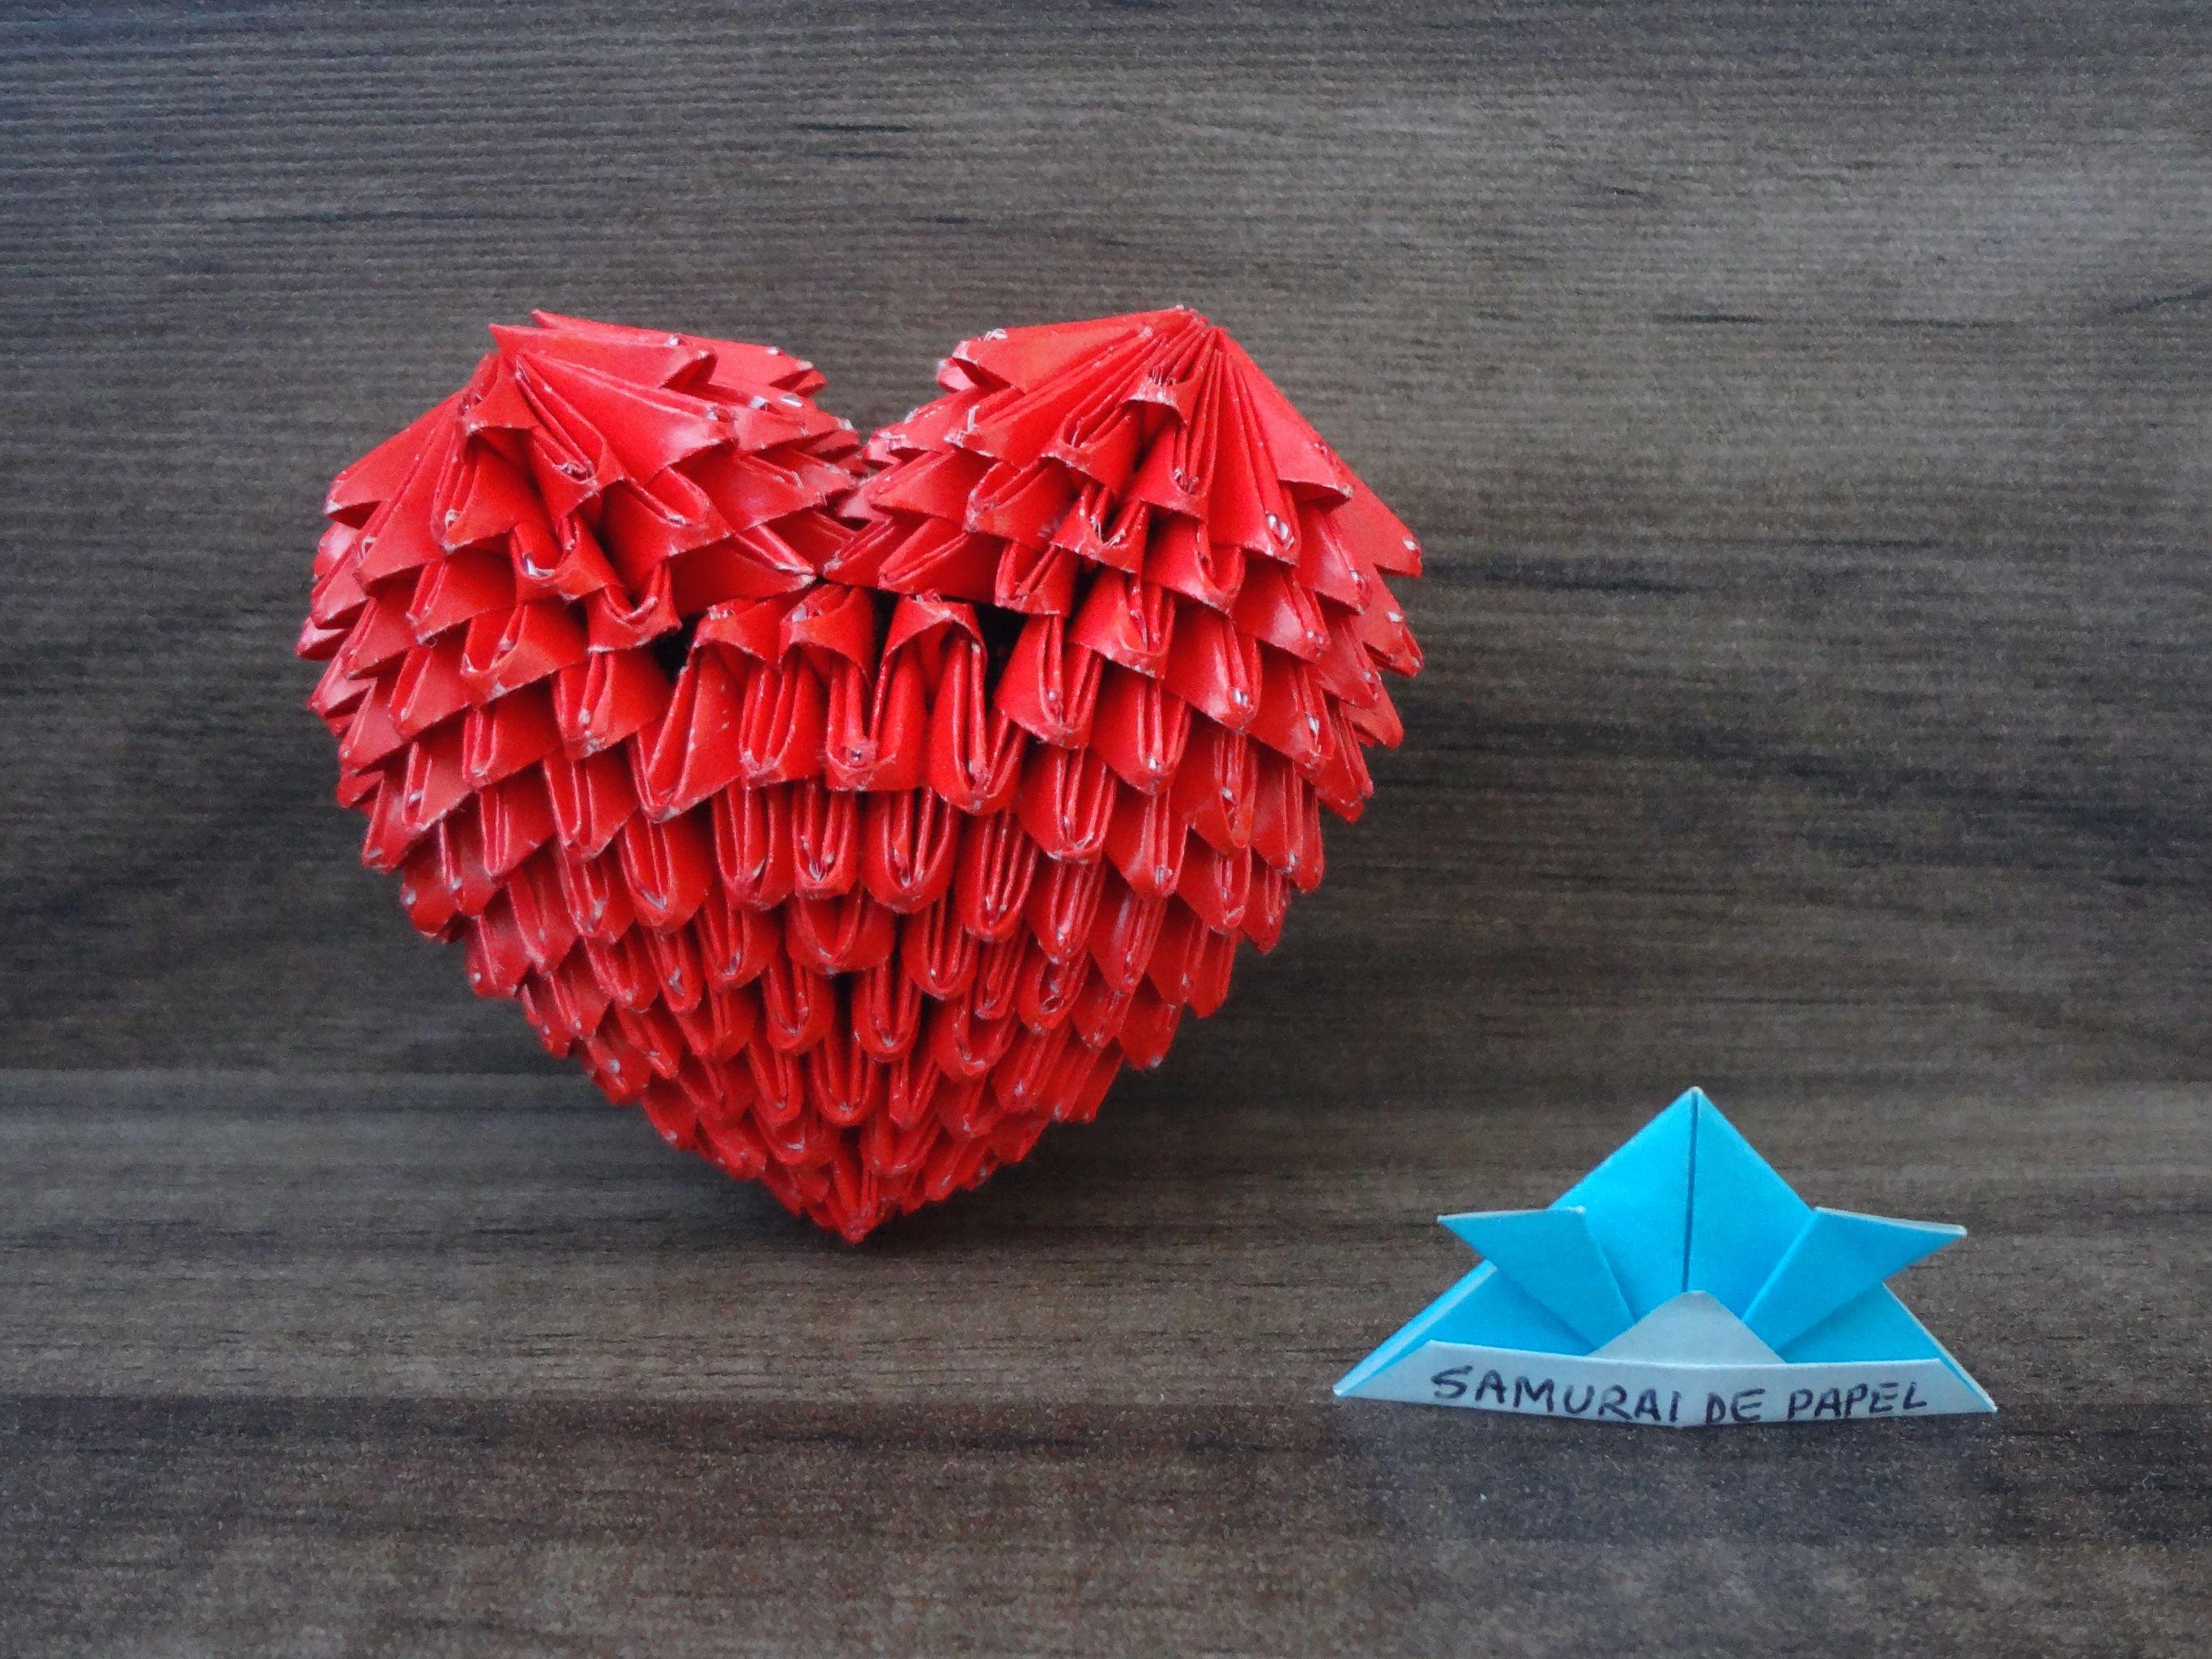 Origami 3D - Coração - Heart | Samurai de Papel ... - photo#10